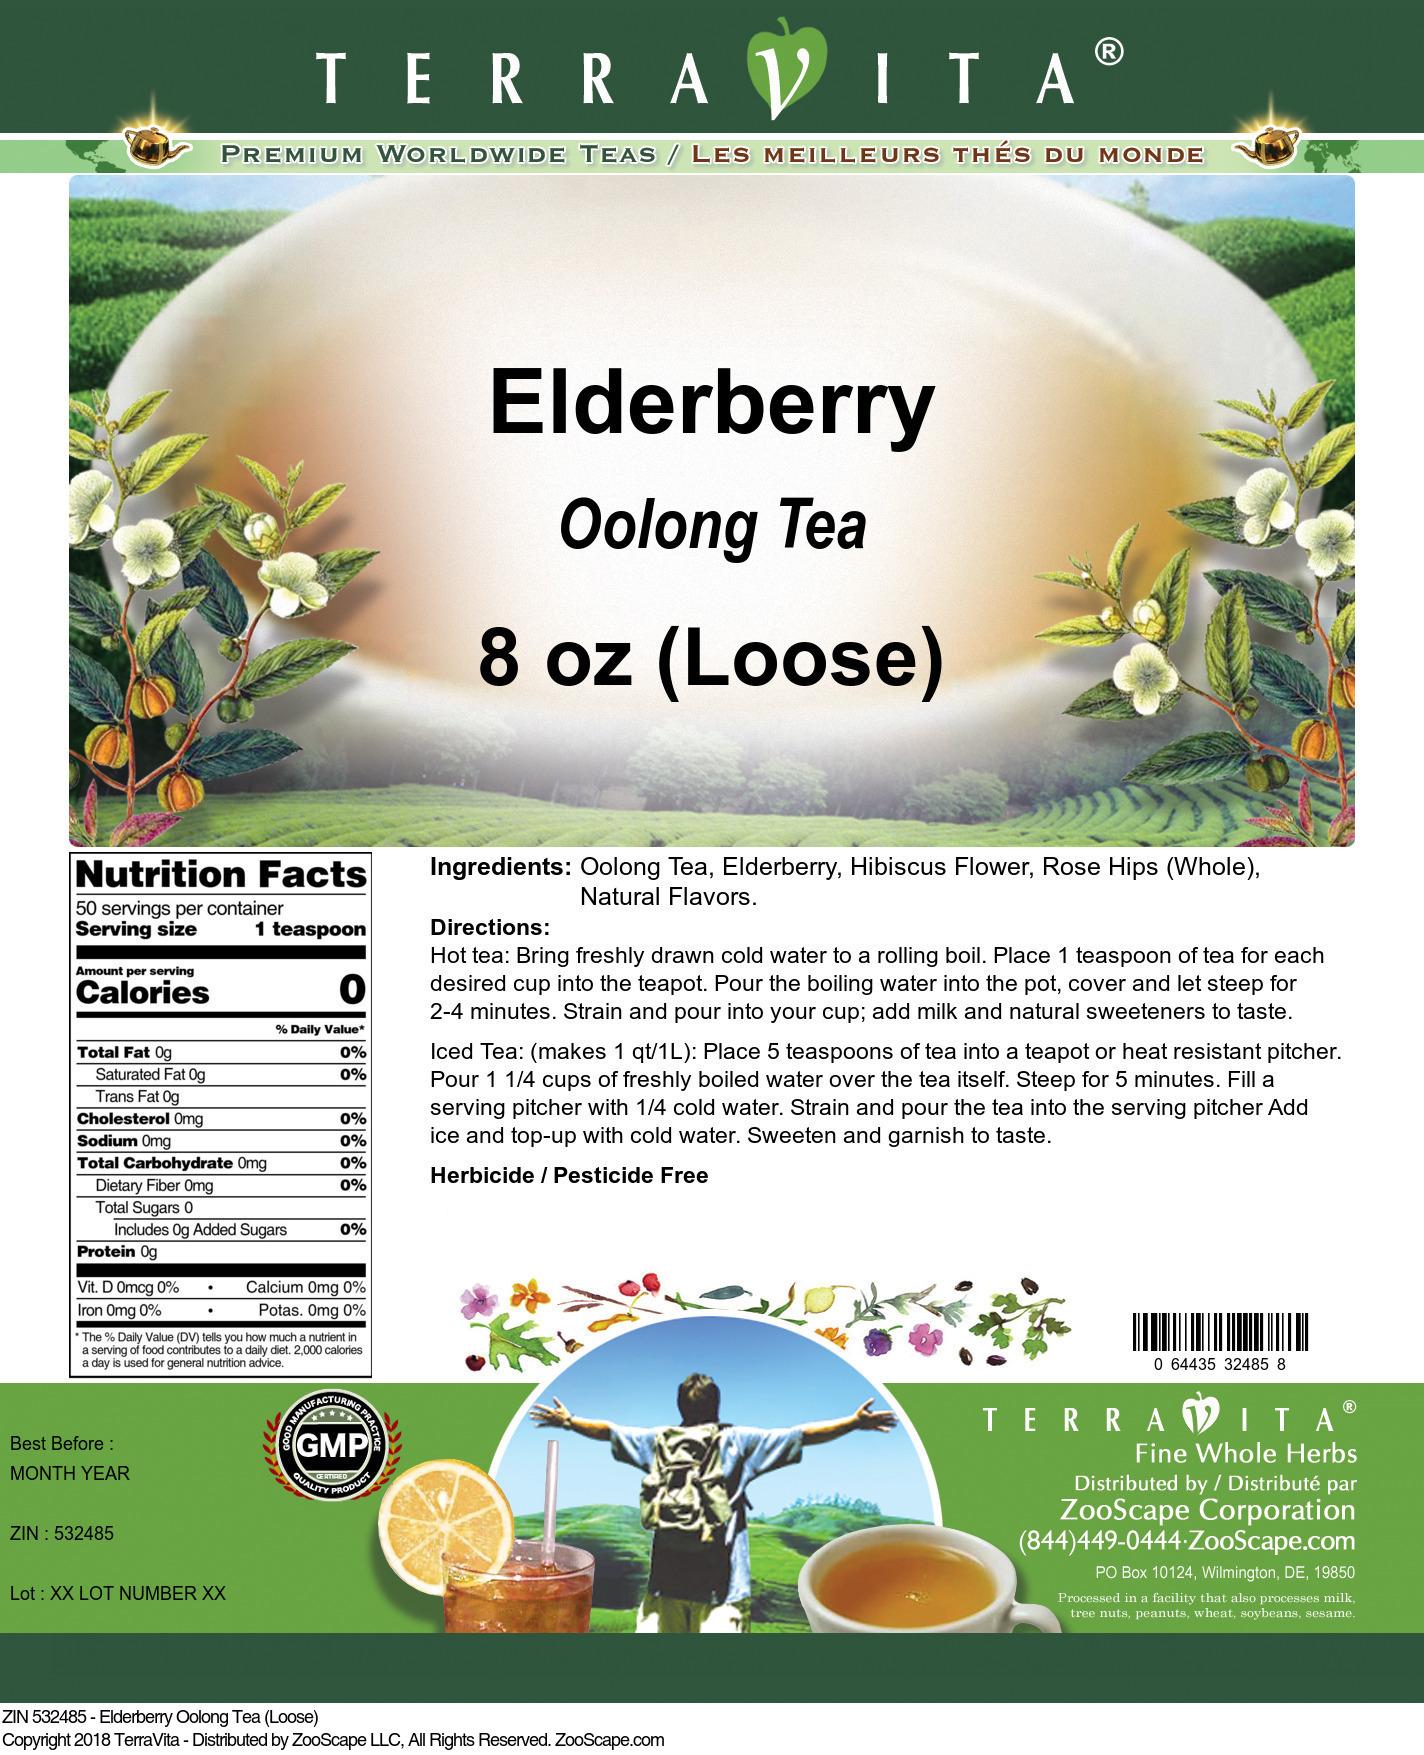 Elderberry Oolong Tea